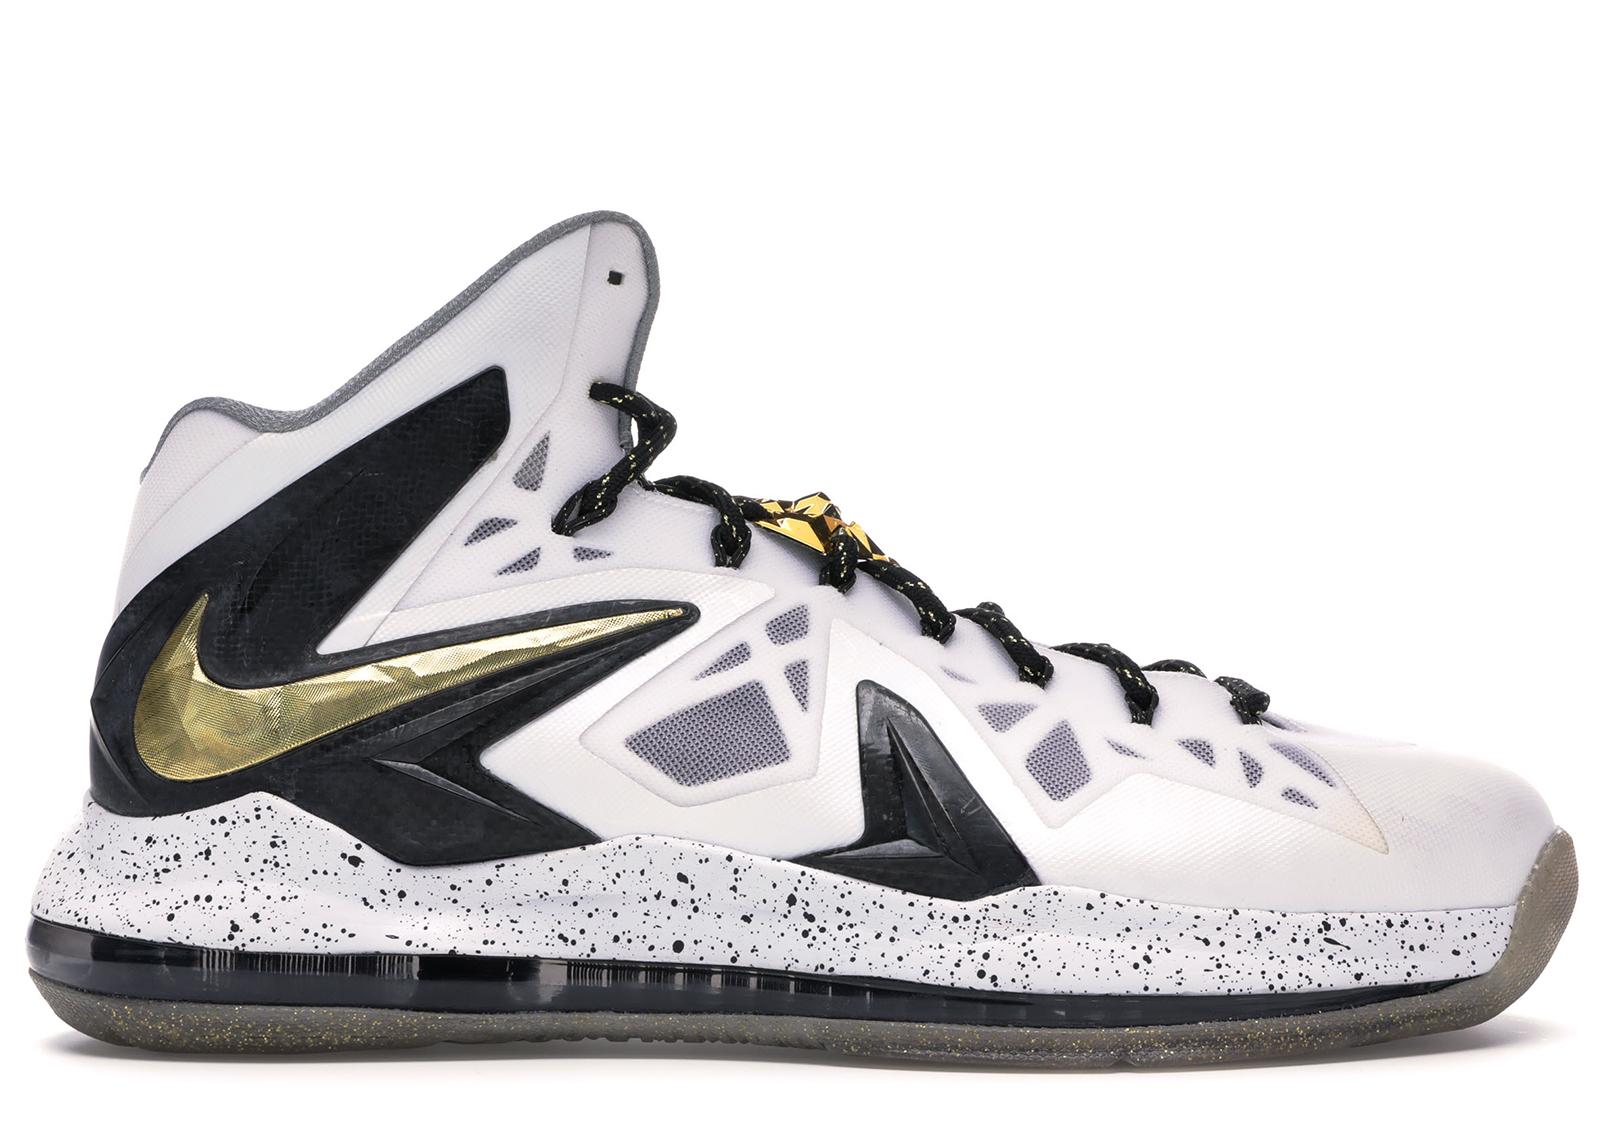 Nike LeBron X Elite+ White Gold